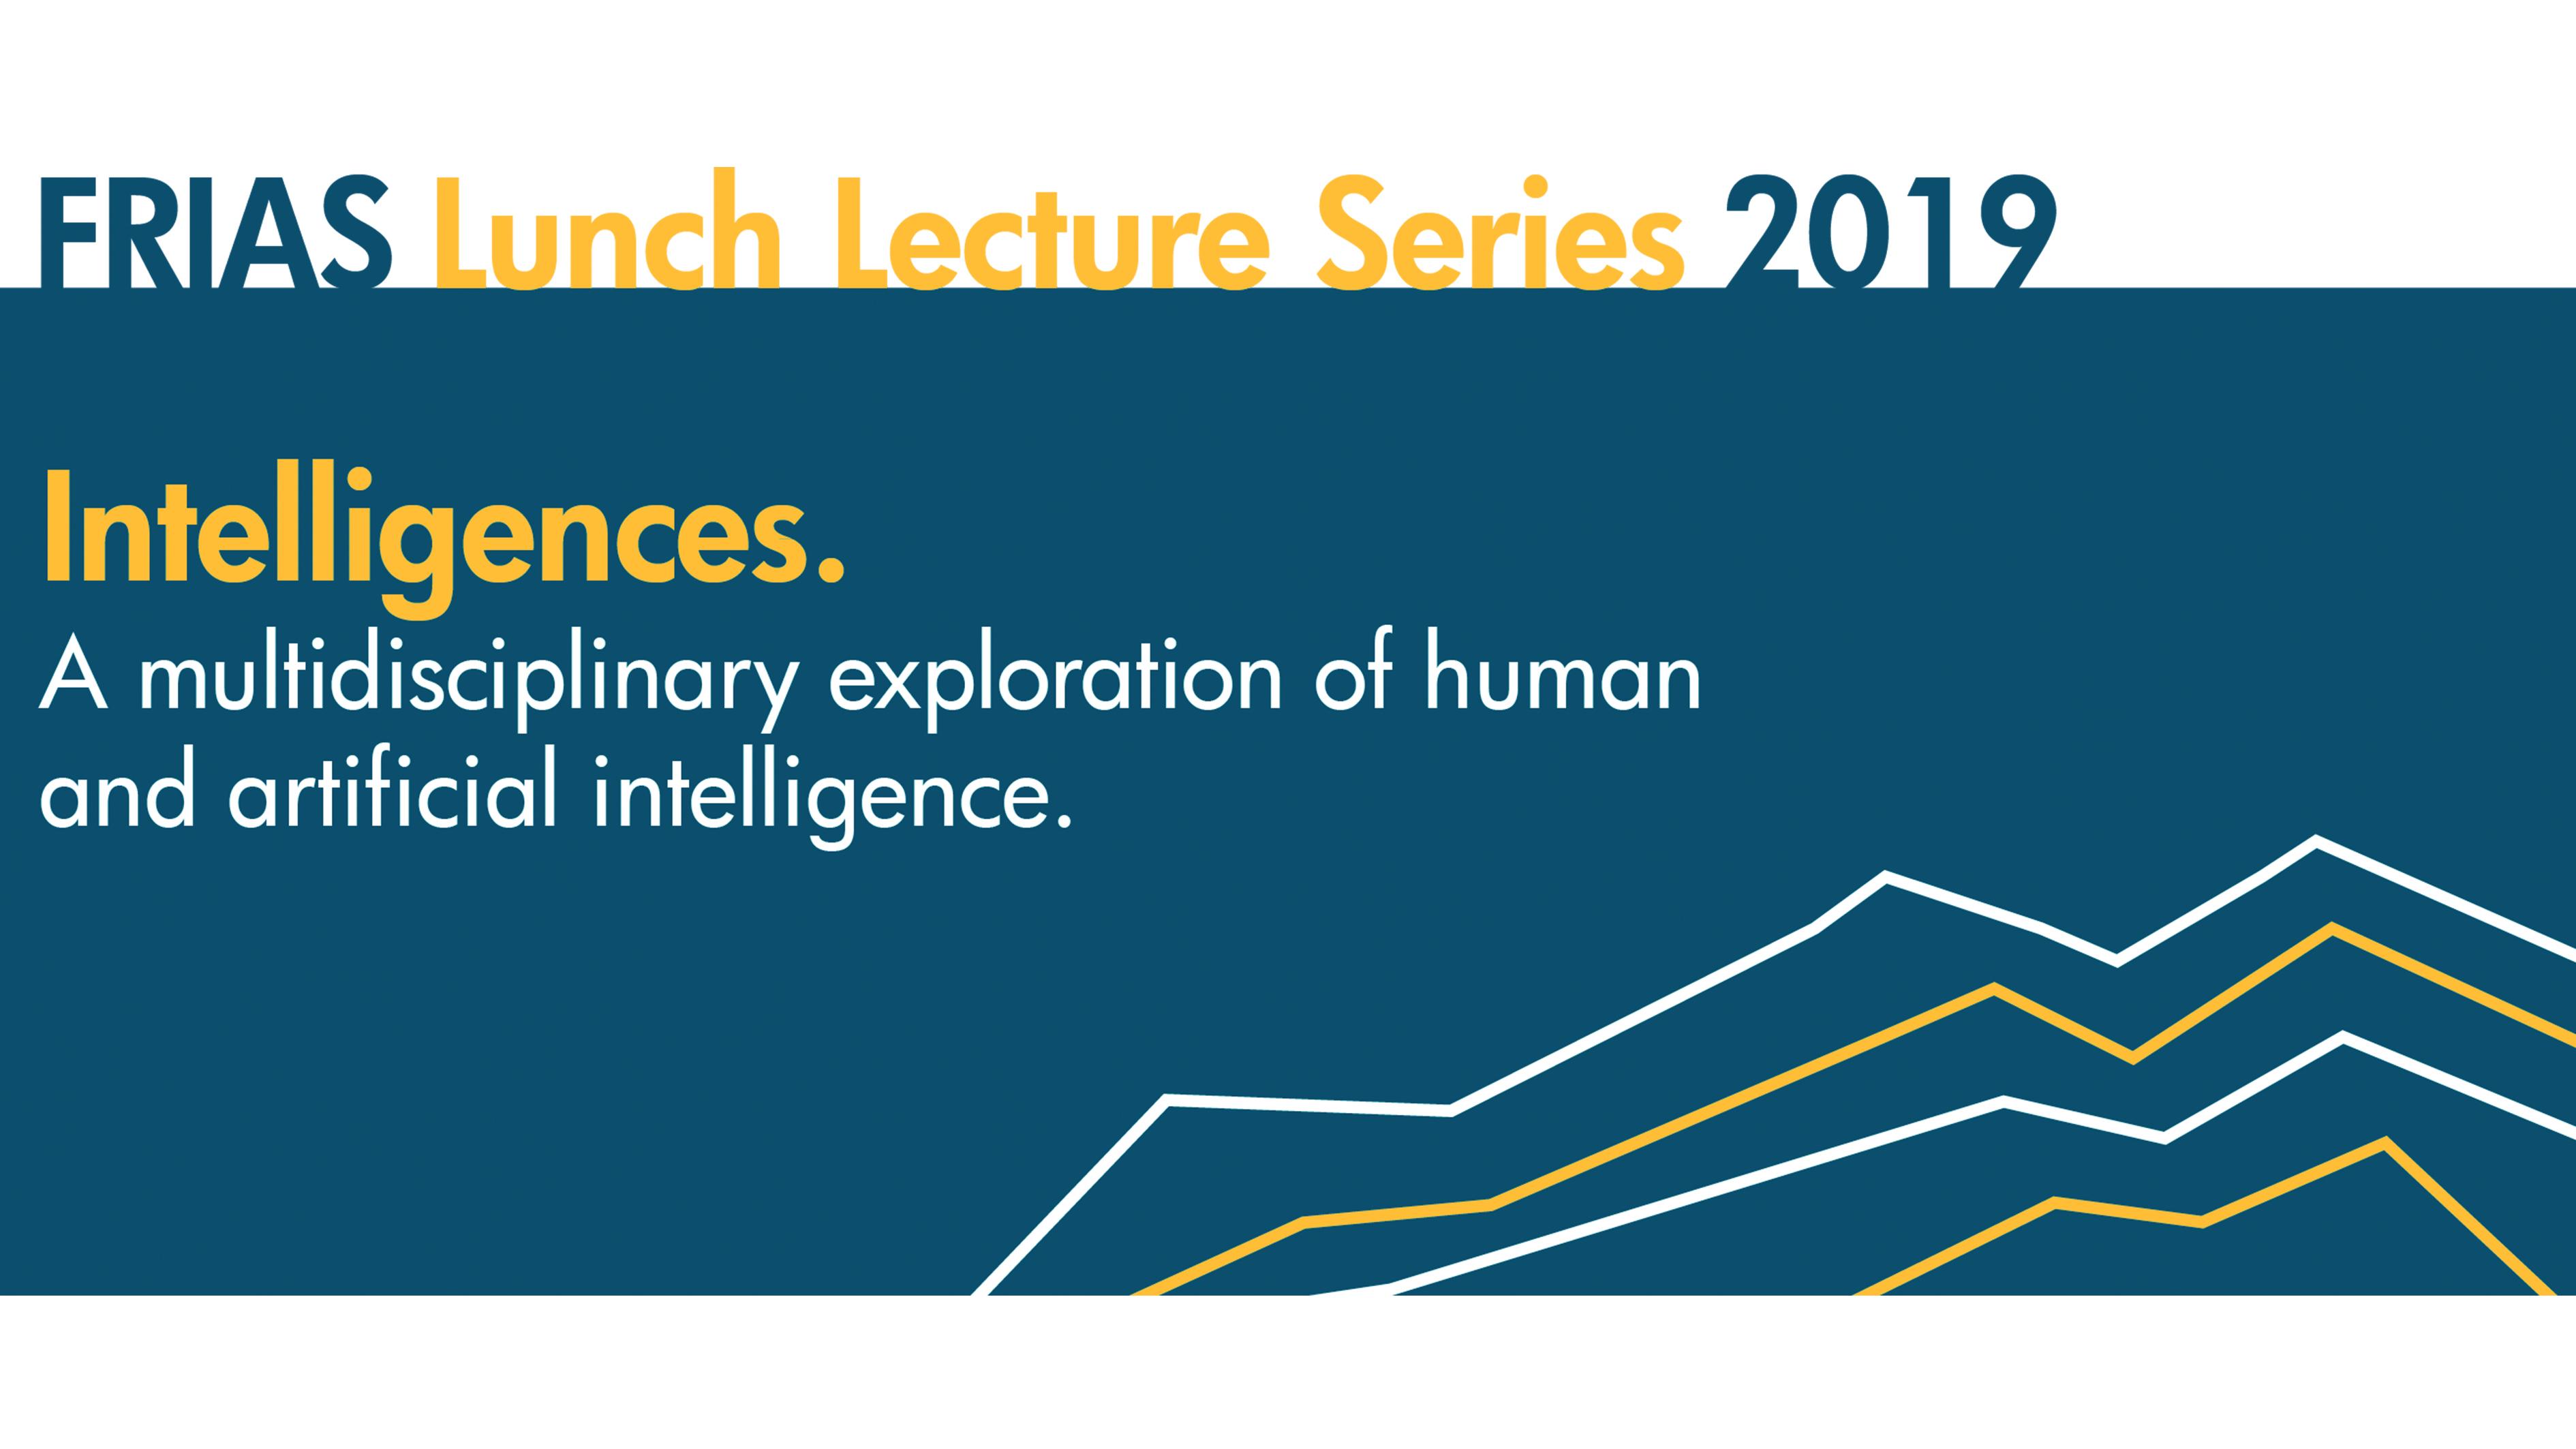 LLS Intelligences Präsentation.jpg